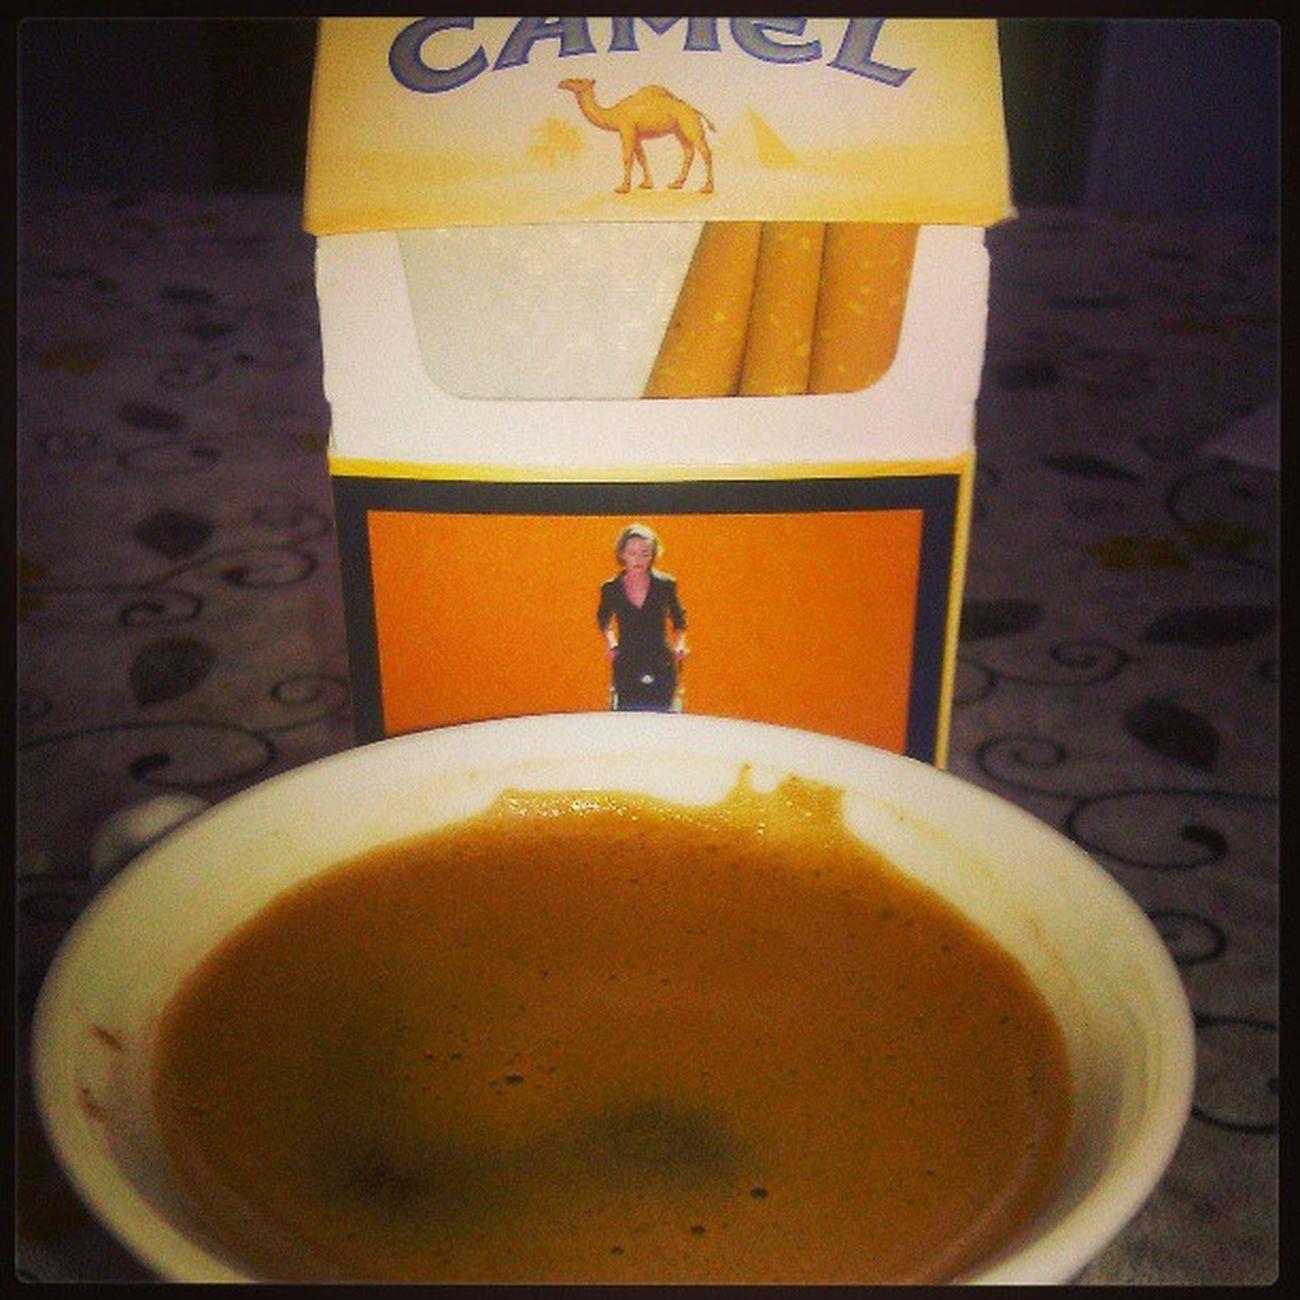 Camel Turkishcoffee Türkkahvesi Kahve muhtesemikili